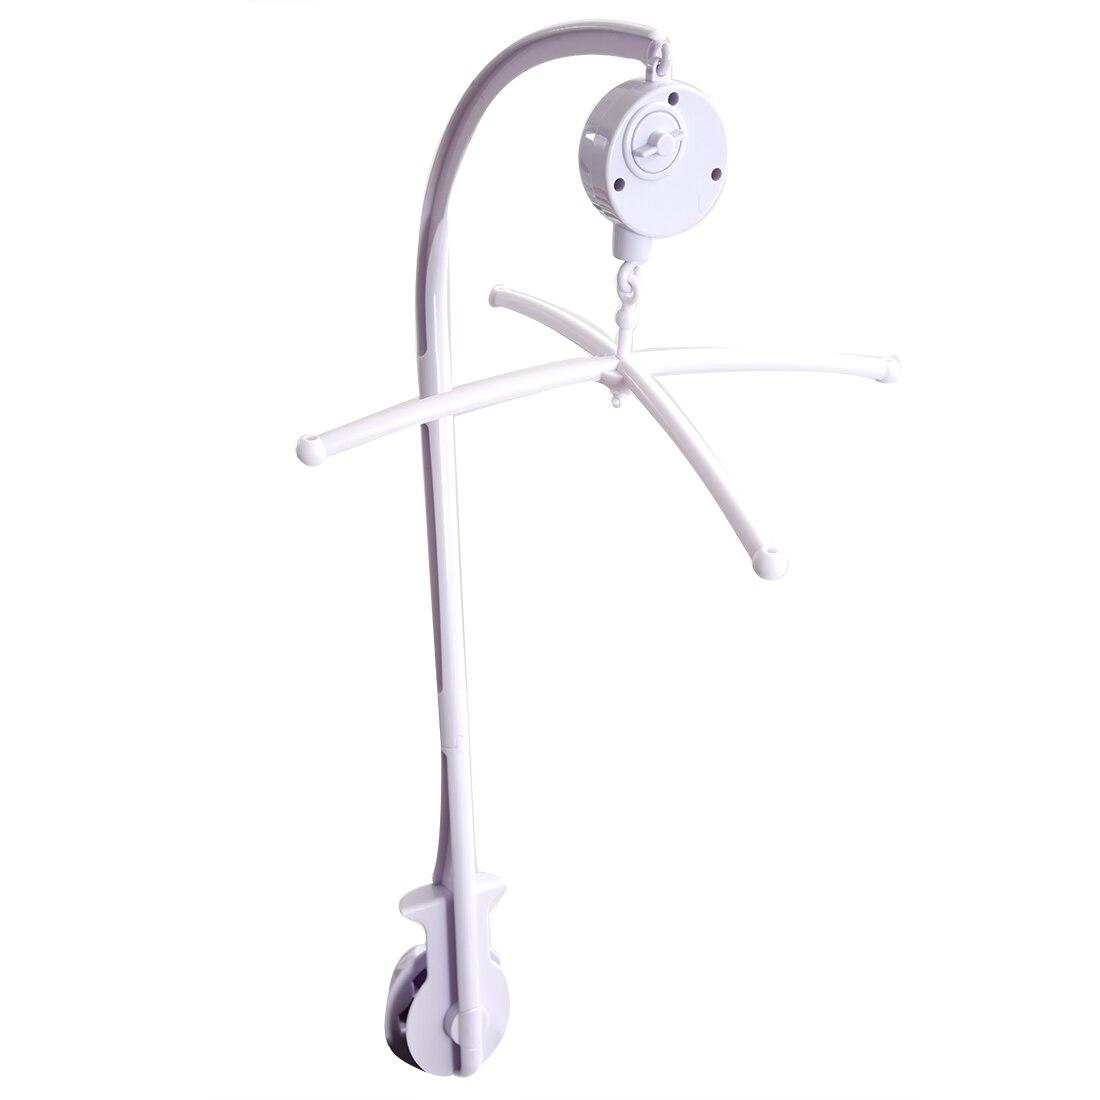 Սպիտակ Baby օրորոց բջջային մահճակալի - Խաղալիքներ նորածինների համար - Լուսանկար 2